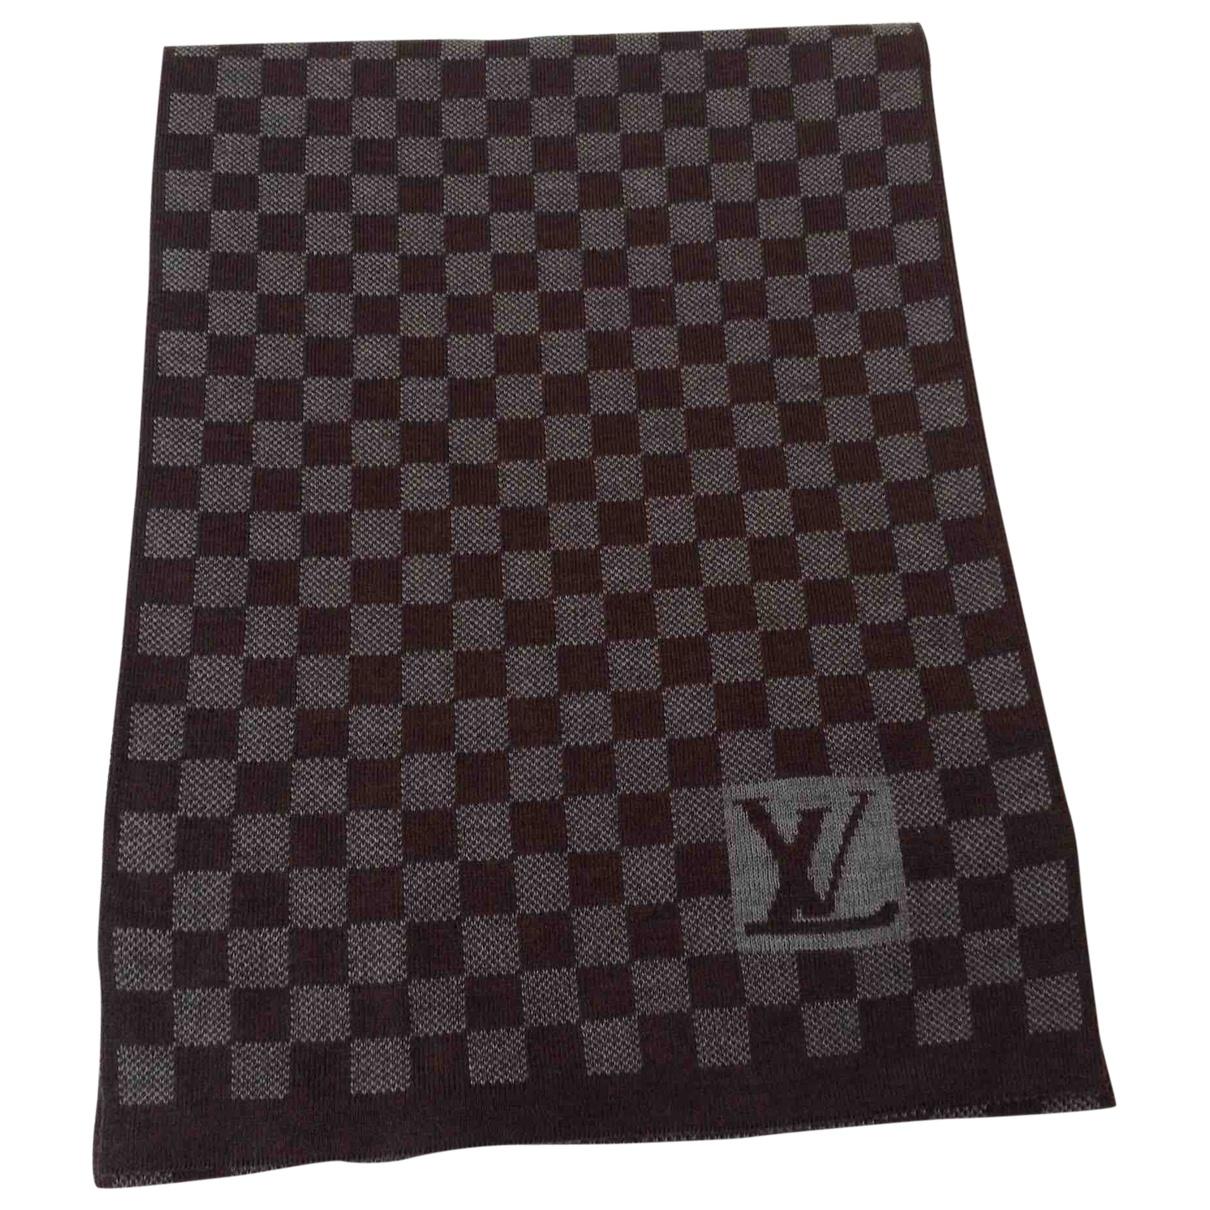 Louis Vuitton \N Tuecher, Schal in  Bunt Wolle